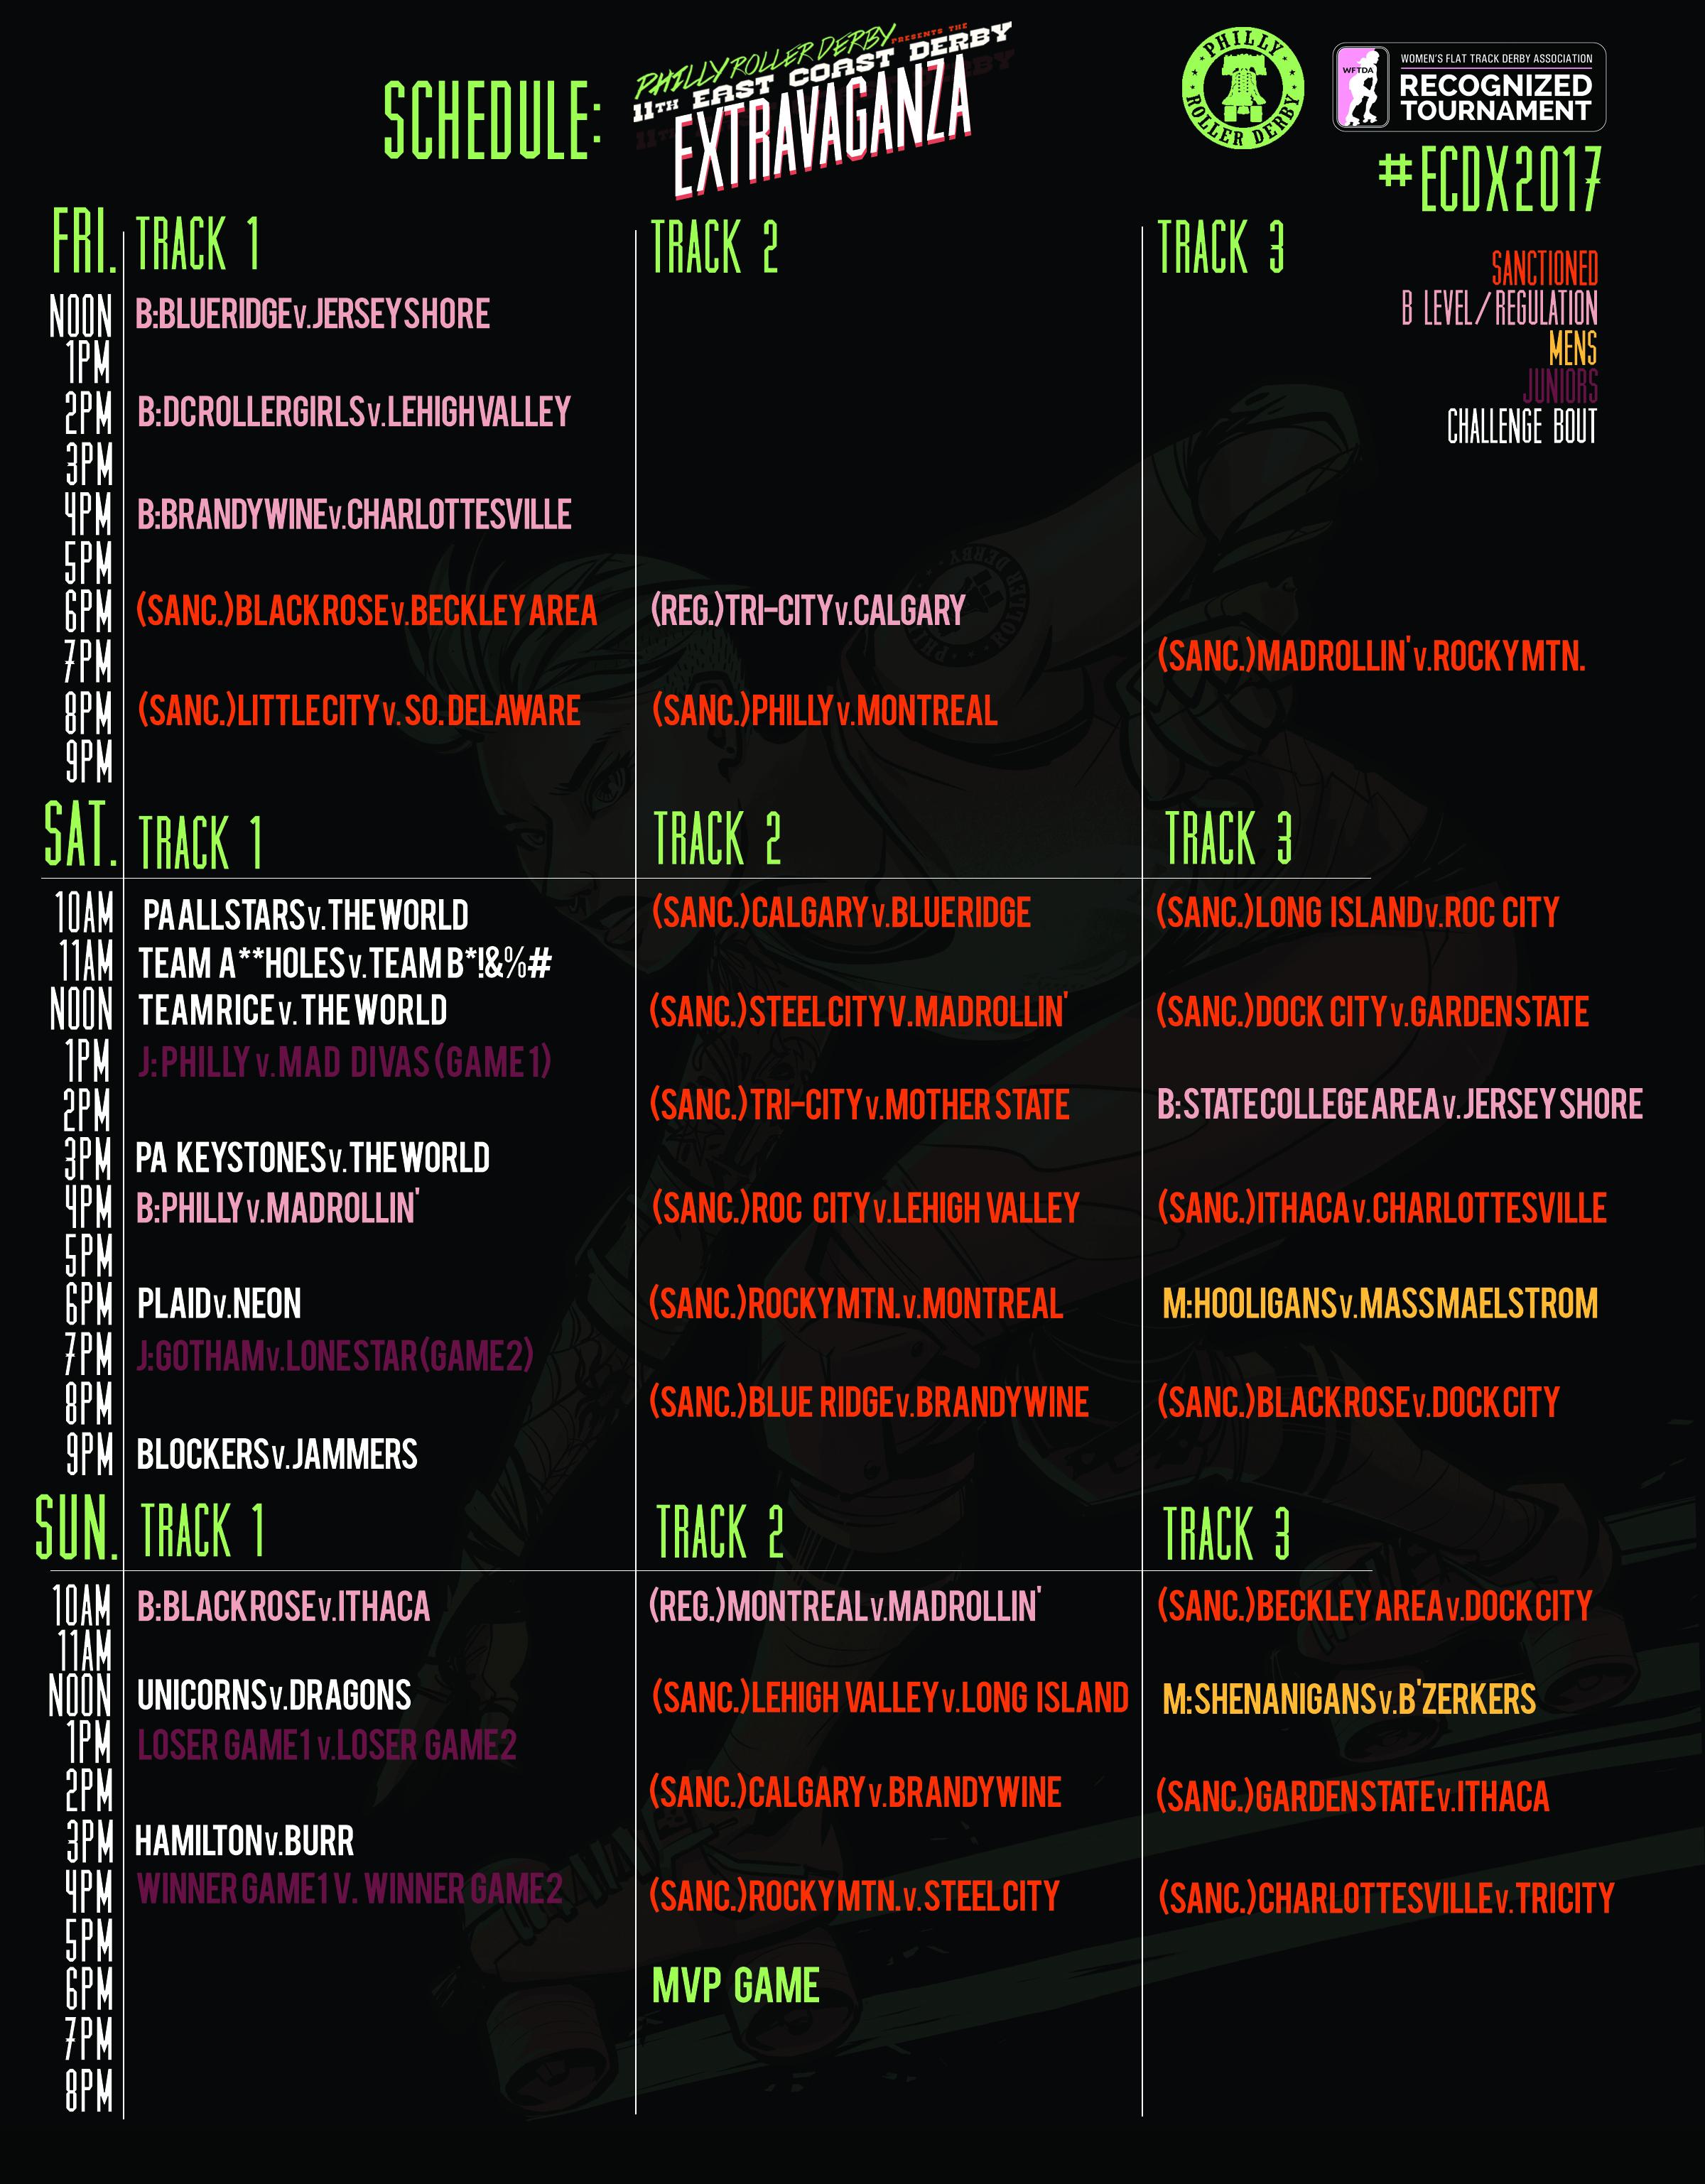 ECDX 2017 bout schedule